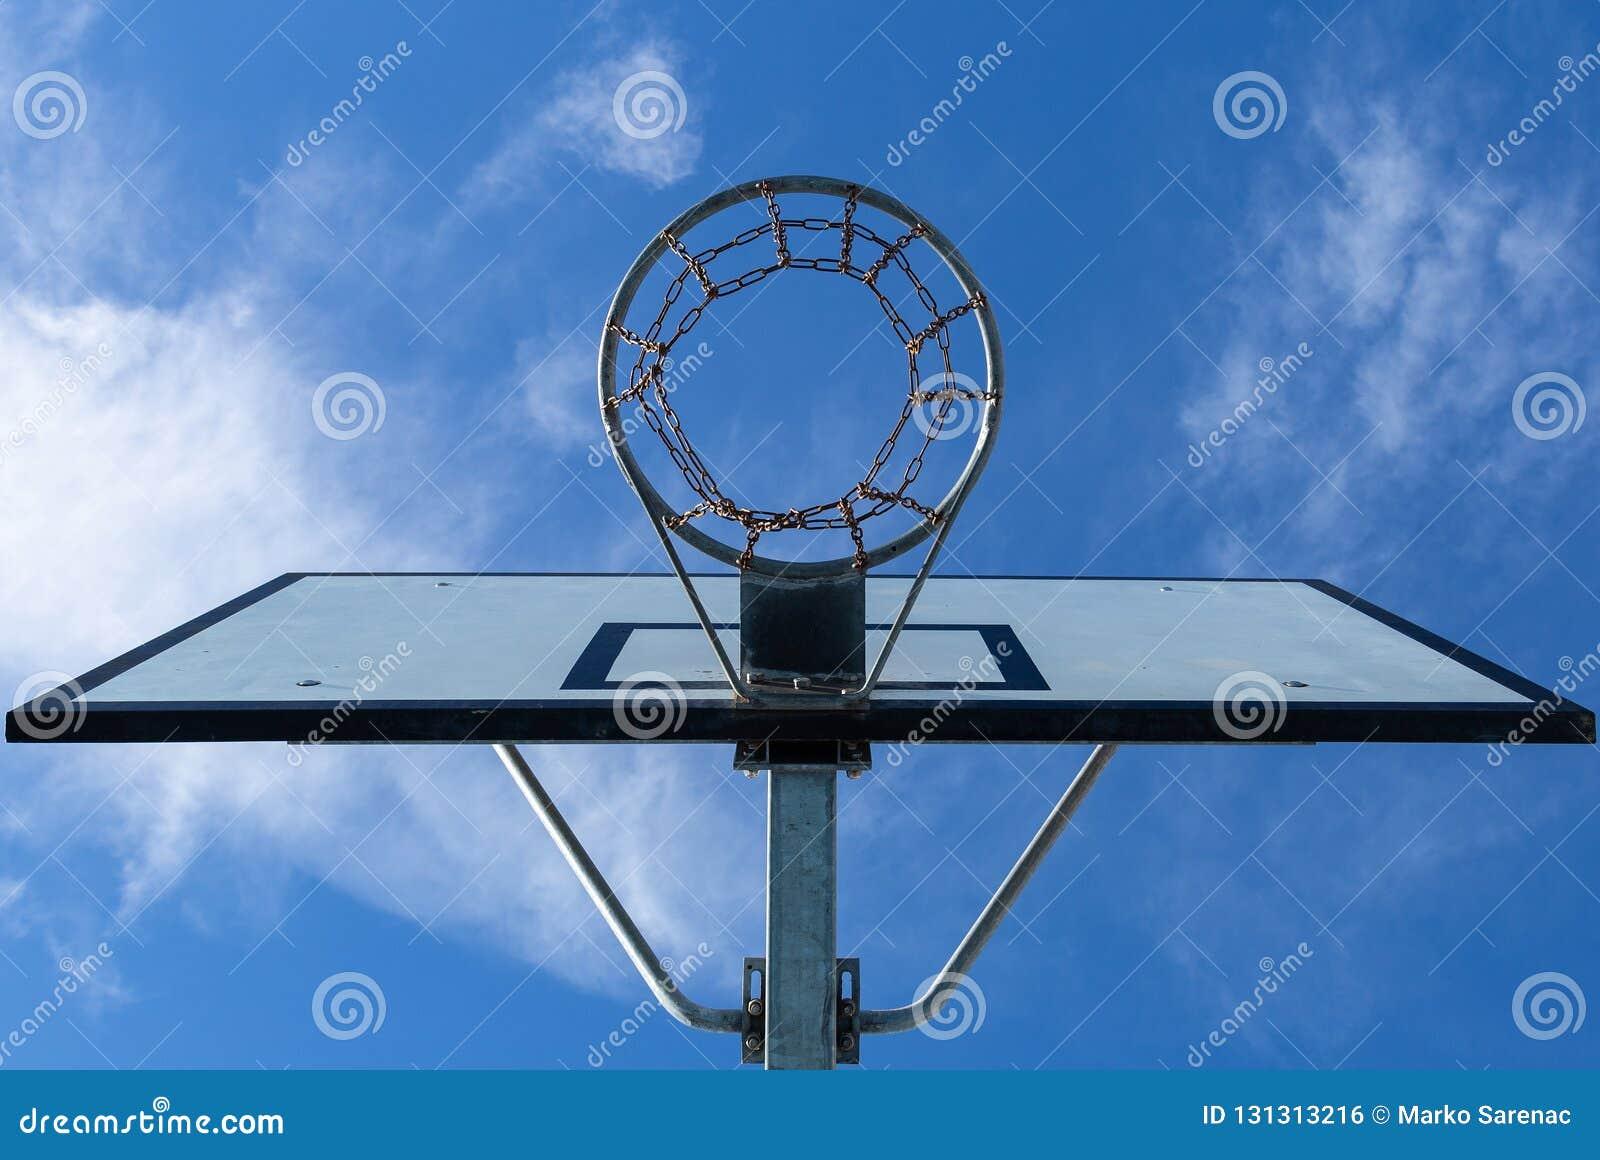 Basket förtjänar boaen sport